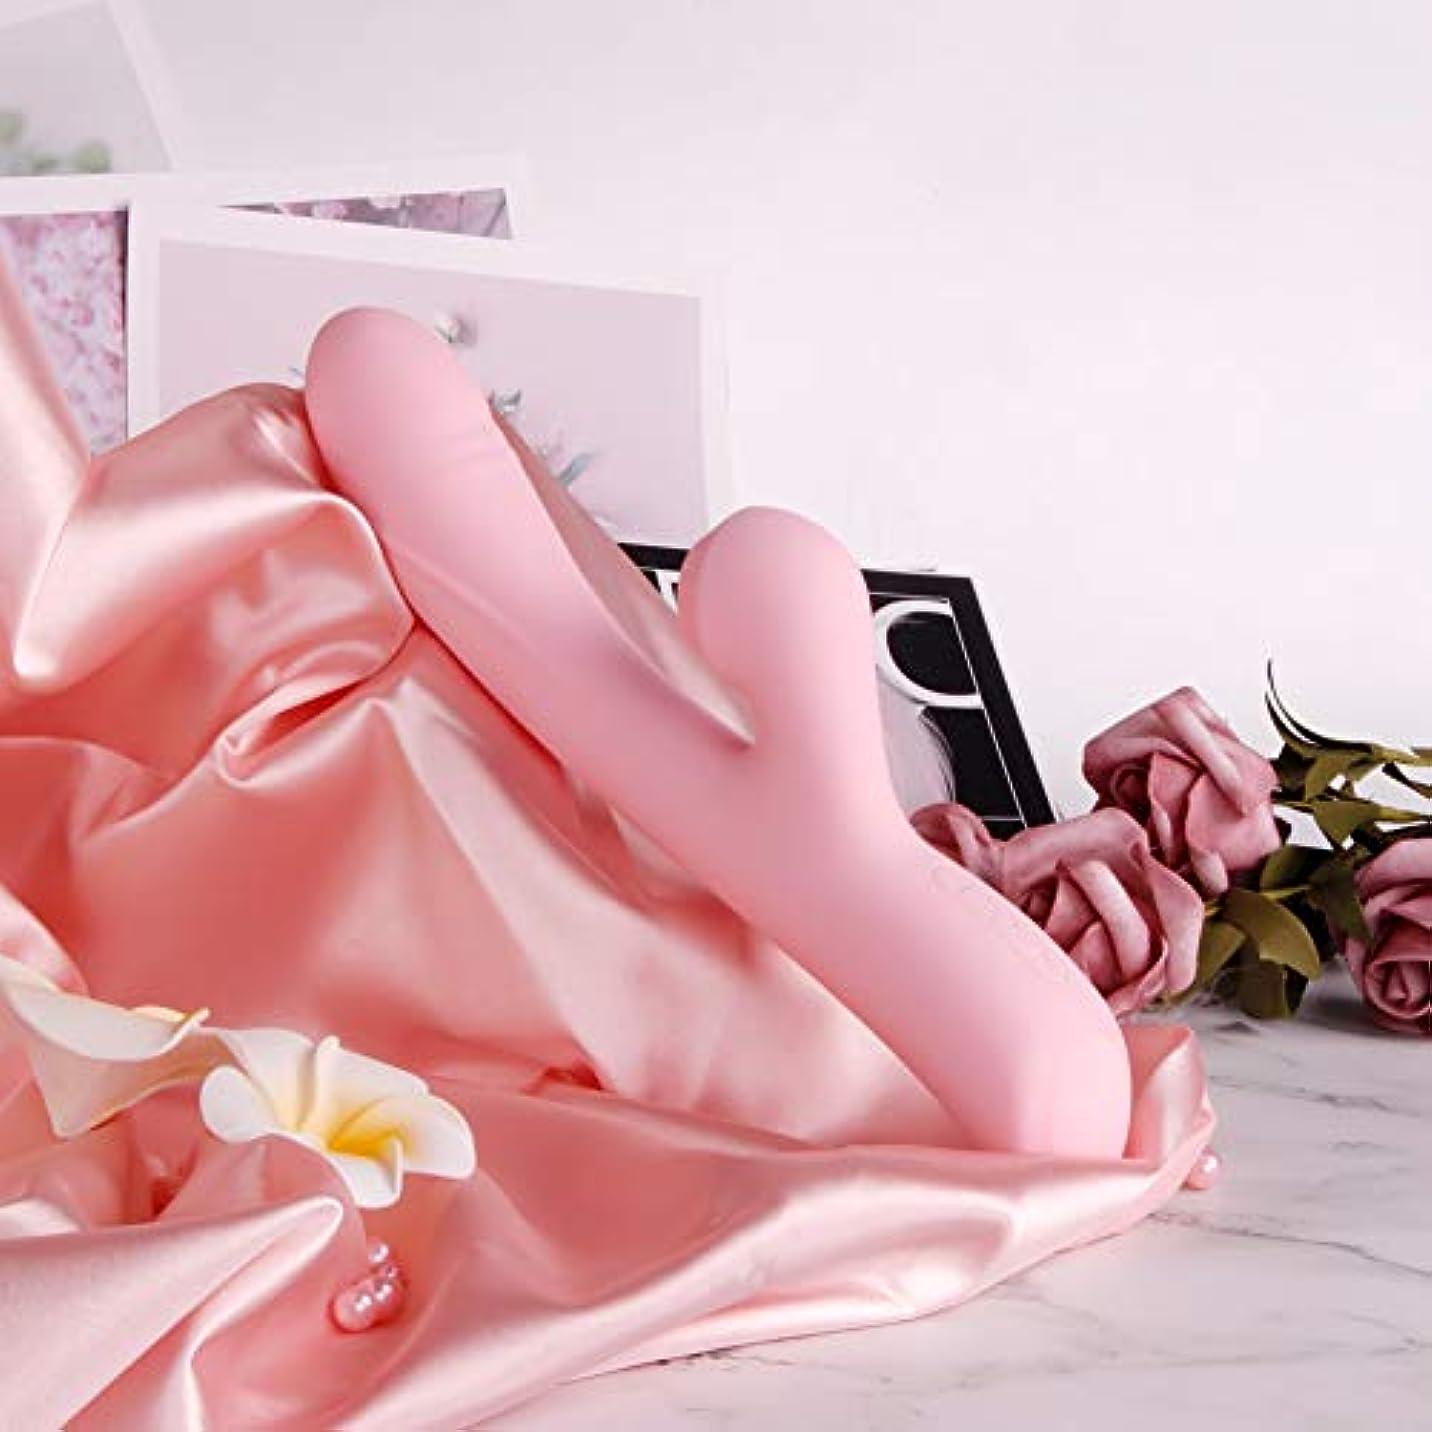 苦い雇う露骨な脚 マッサージ バイブレーターUSB充電式 AVマジック ワンドバイブレーター マッサージャー 大人のおもちゃ女性用 10スピード電動マッサージ器 42度加熱 自由に曲げられる (ピンク色)